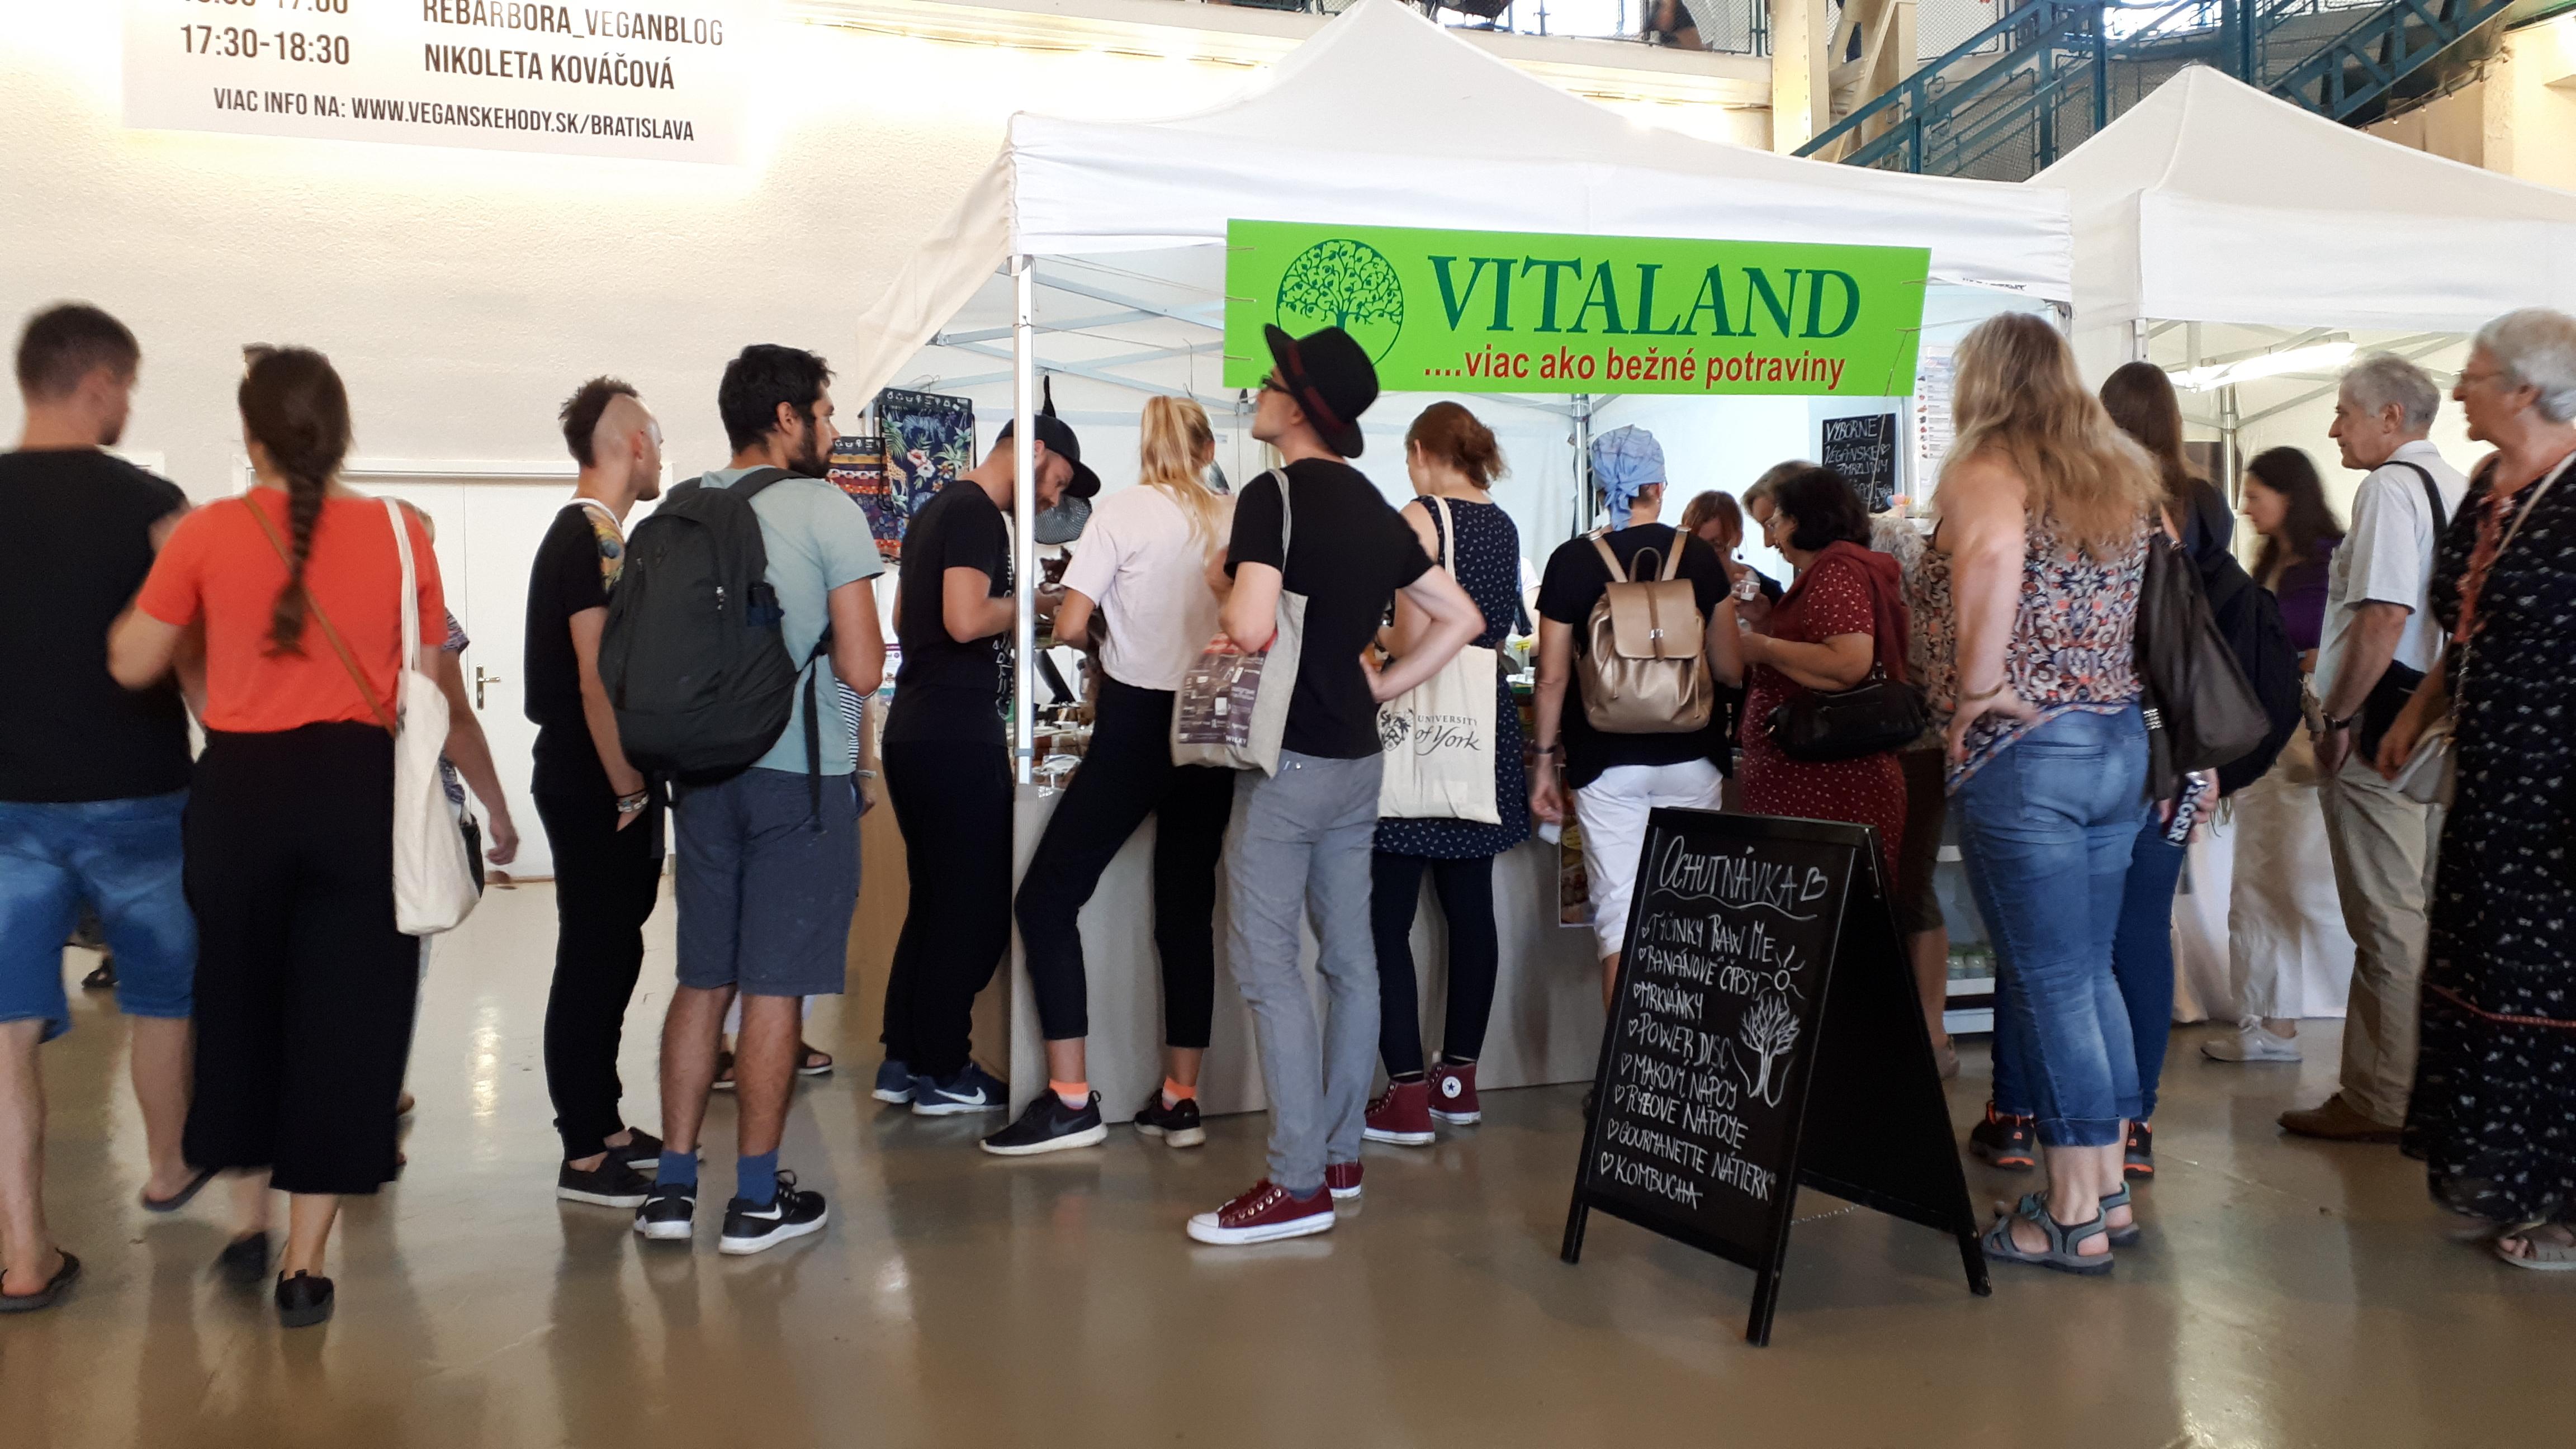 Spoločnosť VITALAND prevádzkuje v Bratislave maloobchodné predajne so širokým a pestrým sortimentom zdravých potravín, nápojov, bio produktov, vegetariánskych, vegánskych a raw výrobkov. V ponuke máme aj bezlepkové a dia výrobky, čerstvé kváskové a bezlepkové pečivo, prírodné výživové doplnky, čaje a bylinné tinktúry. Škálu výrobkov dopĺňa prírodná kozmetika, eko drogéria a darčekové predmety. Naši predajcovia Vám ochotne poskytnú pomoc pri výbere tovaru i poradenstvo v oblasti zdravej výživy.